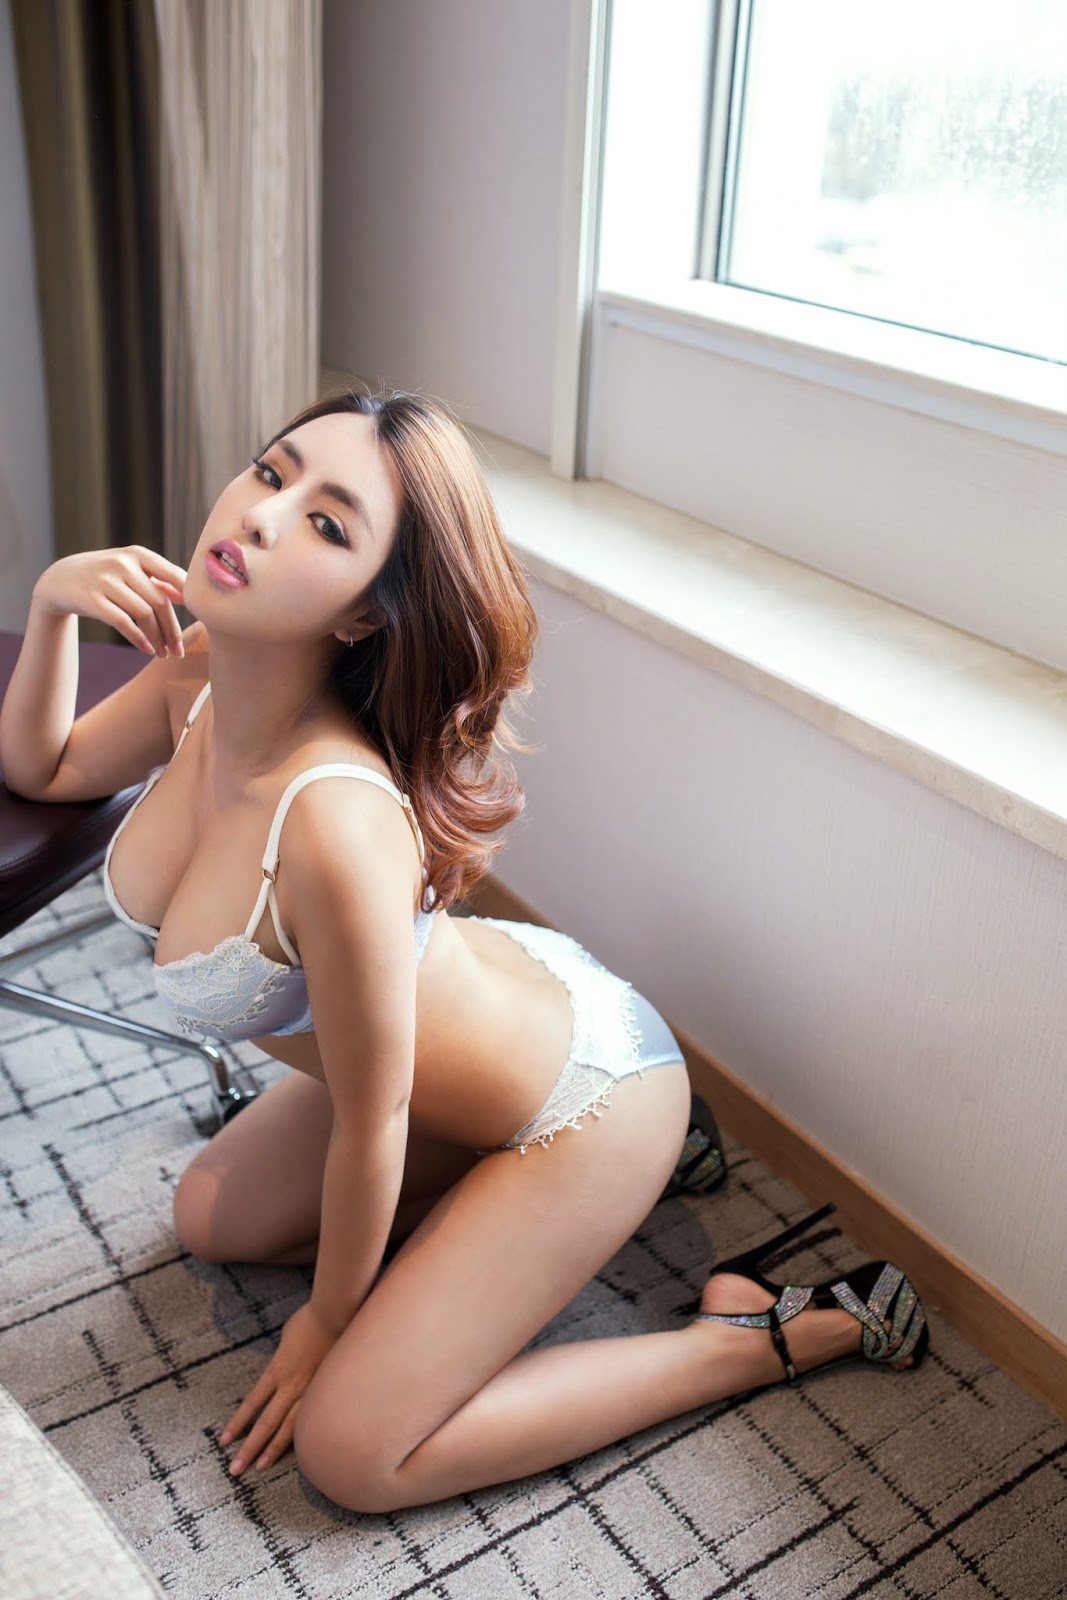 TuiGirl 24 - Sexy Model TUIGIRL NO.17 Nude